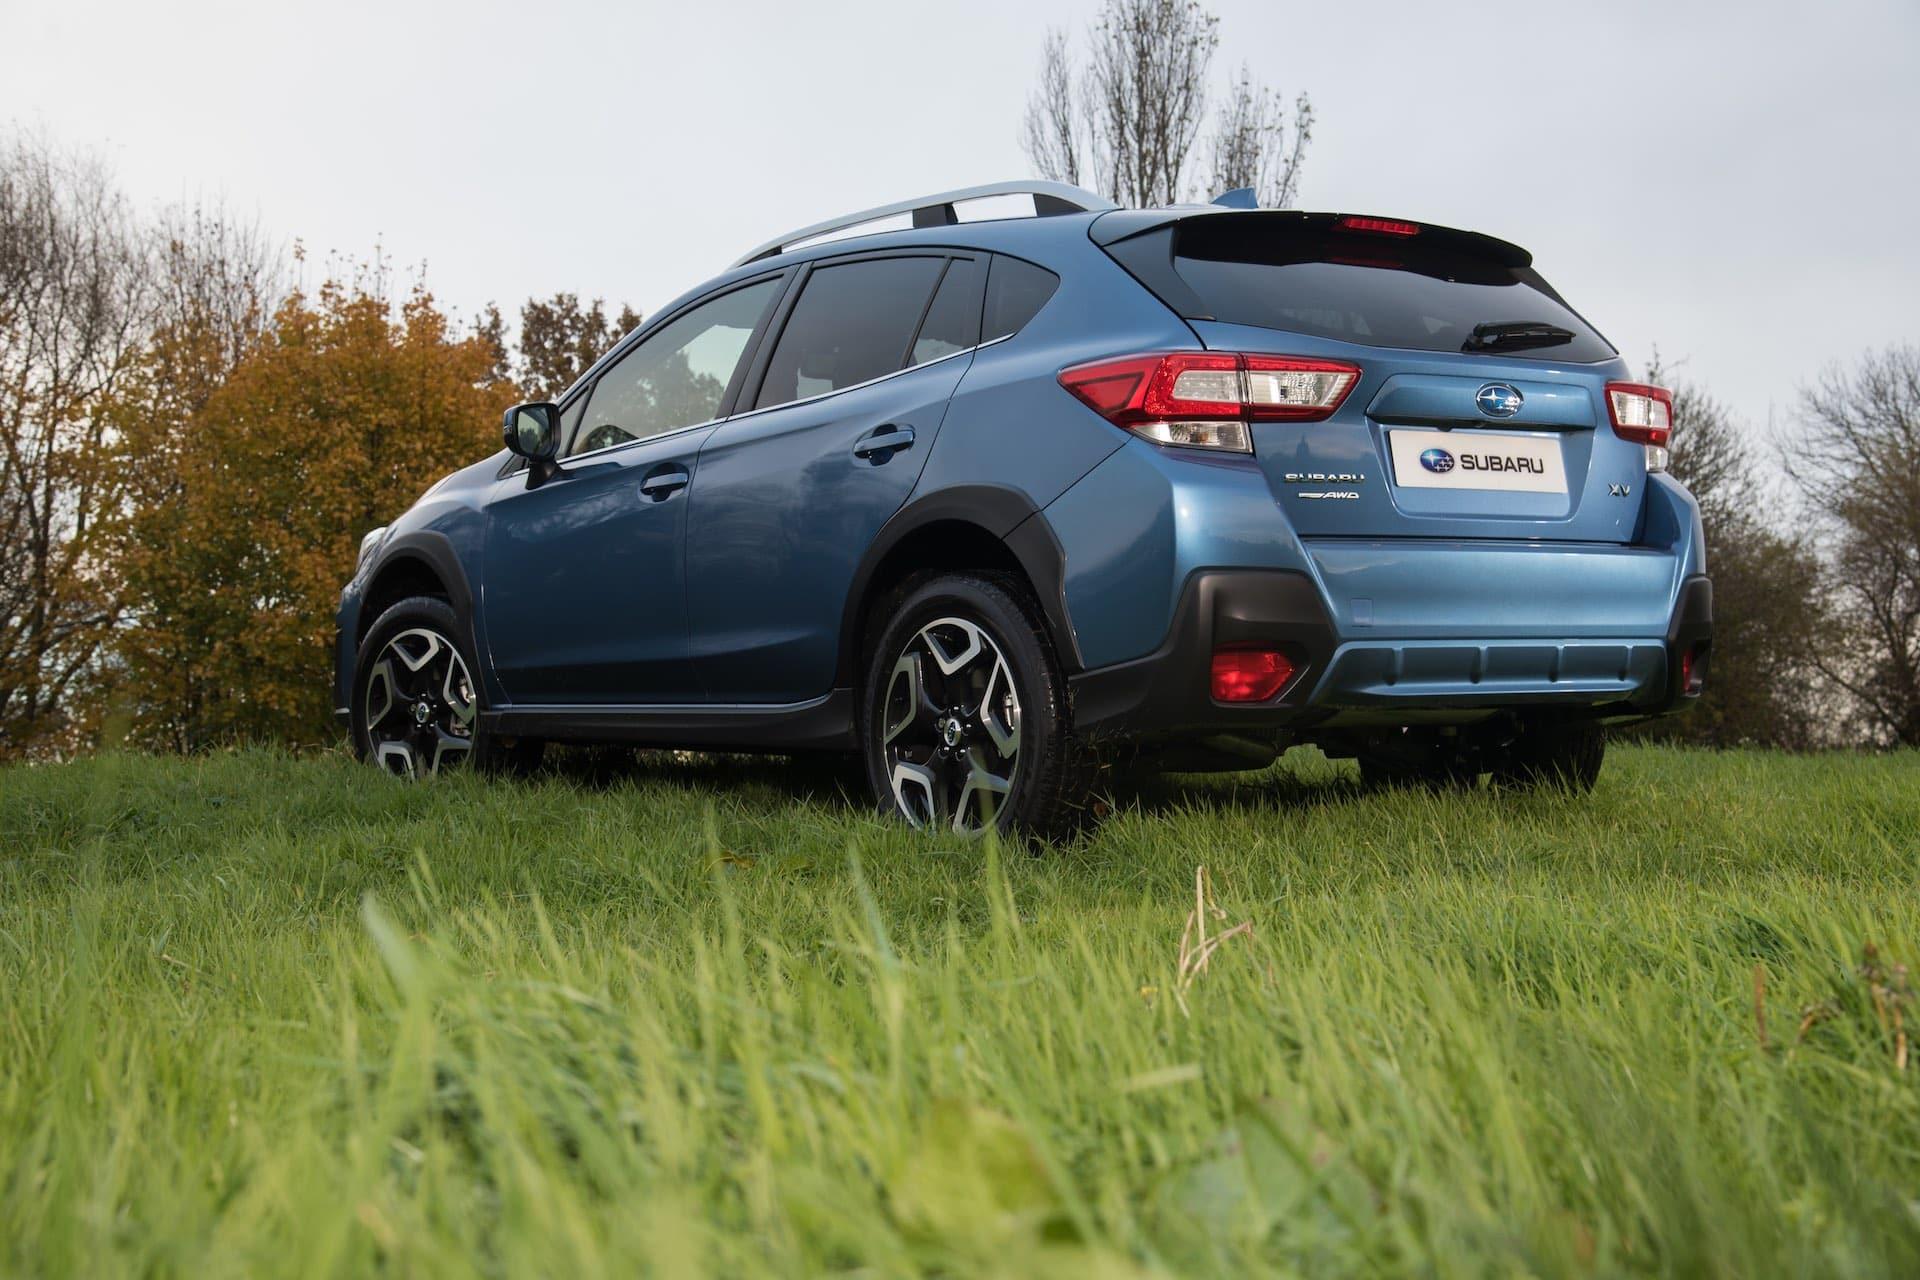 Subaru XV 2018 rear (The Car Expert)